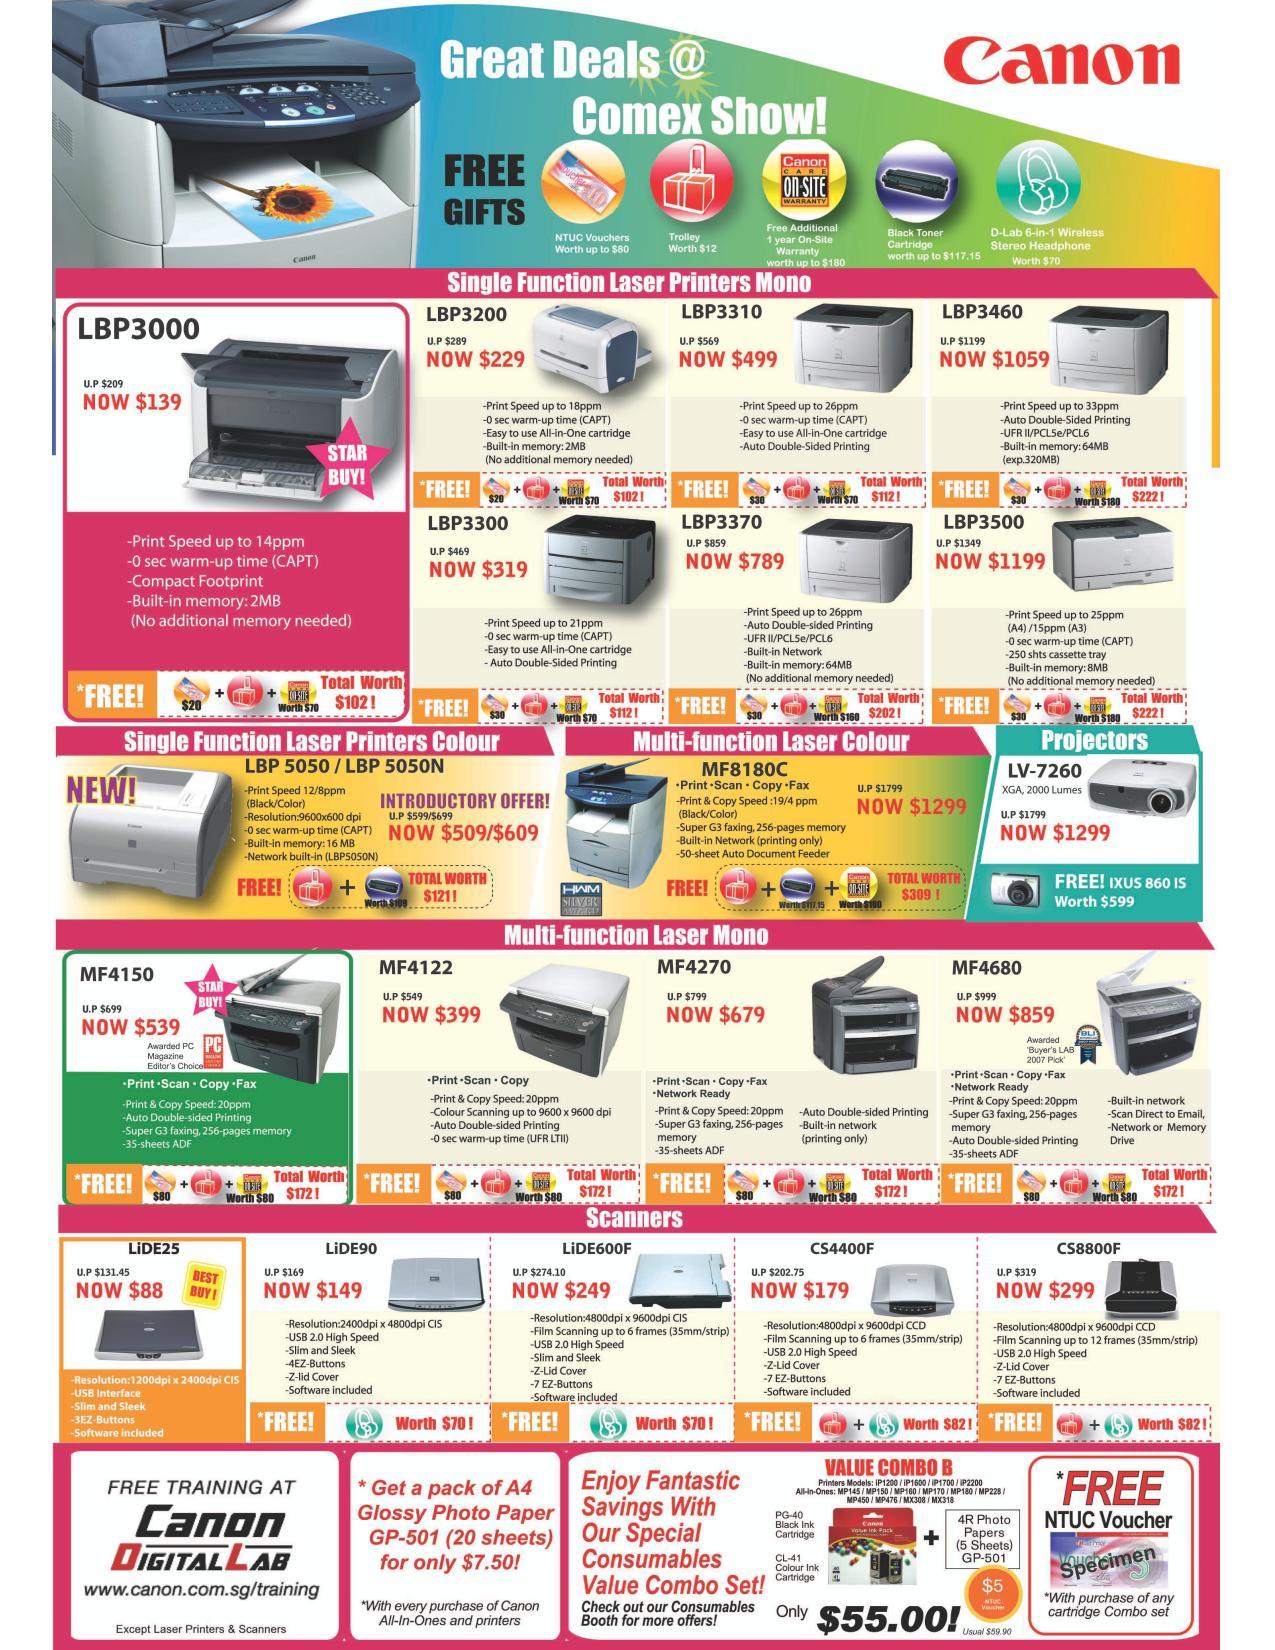 Comex 2008 price list image brochure of Canon Printers Comexshow-lbp Pathed .pdf 01